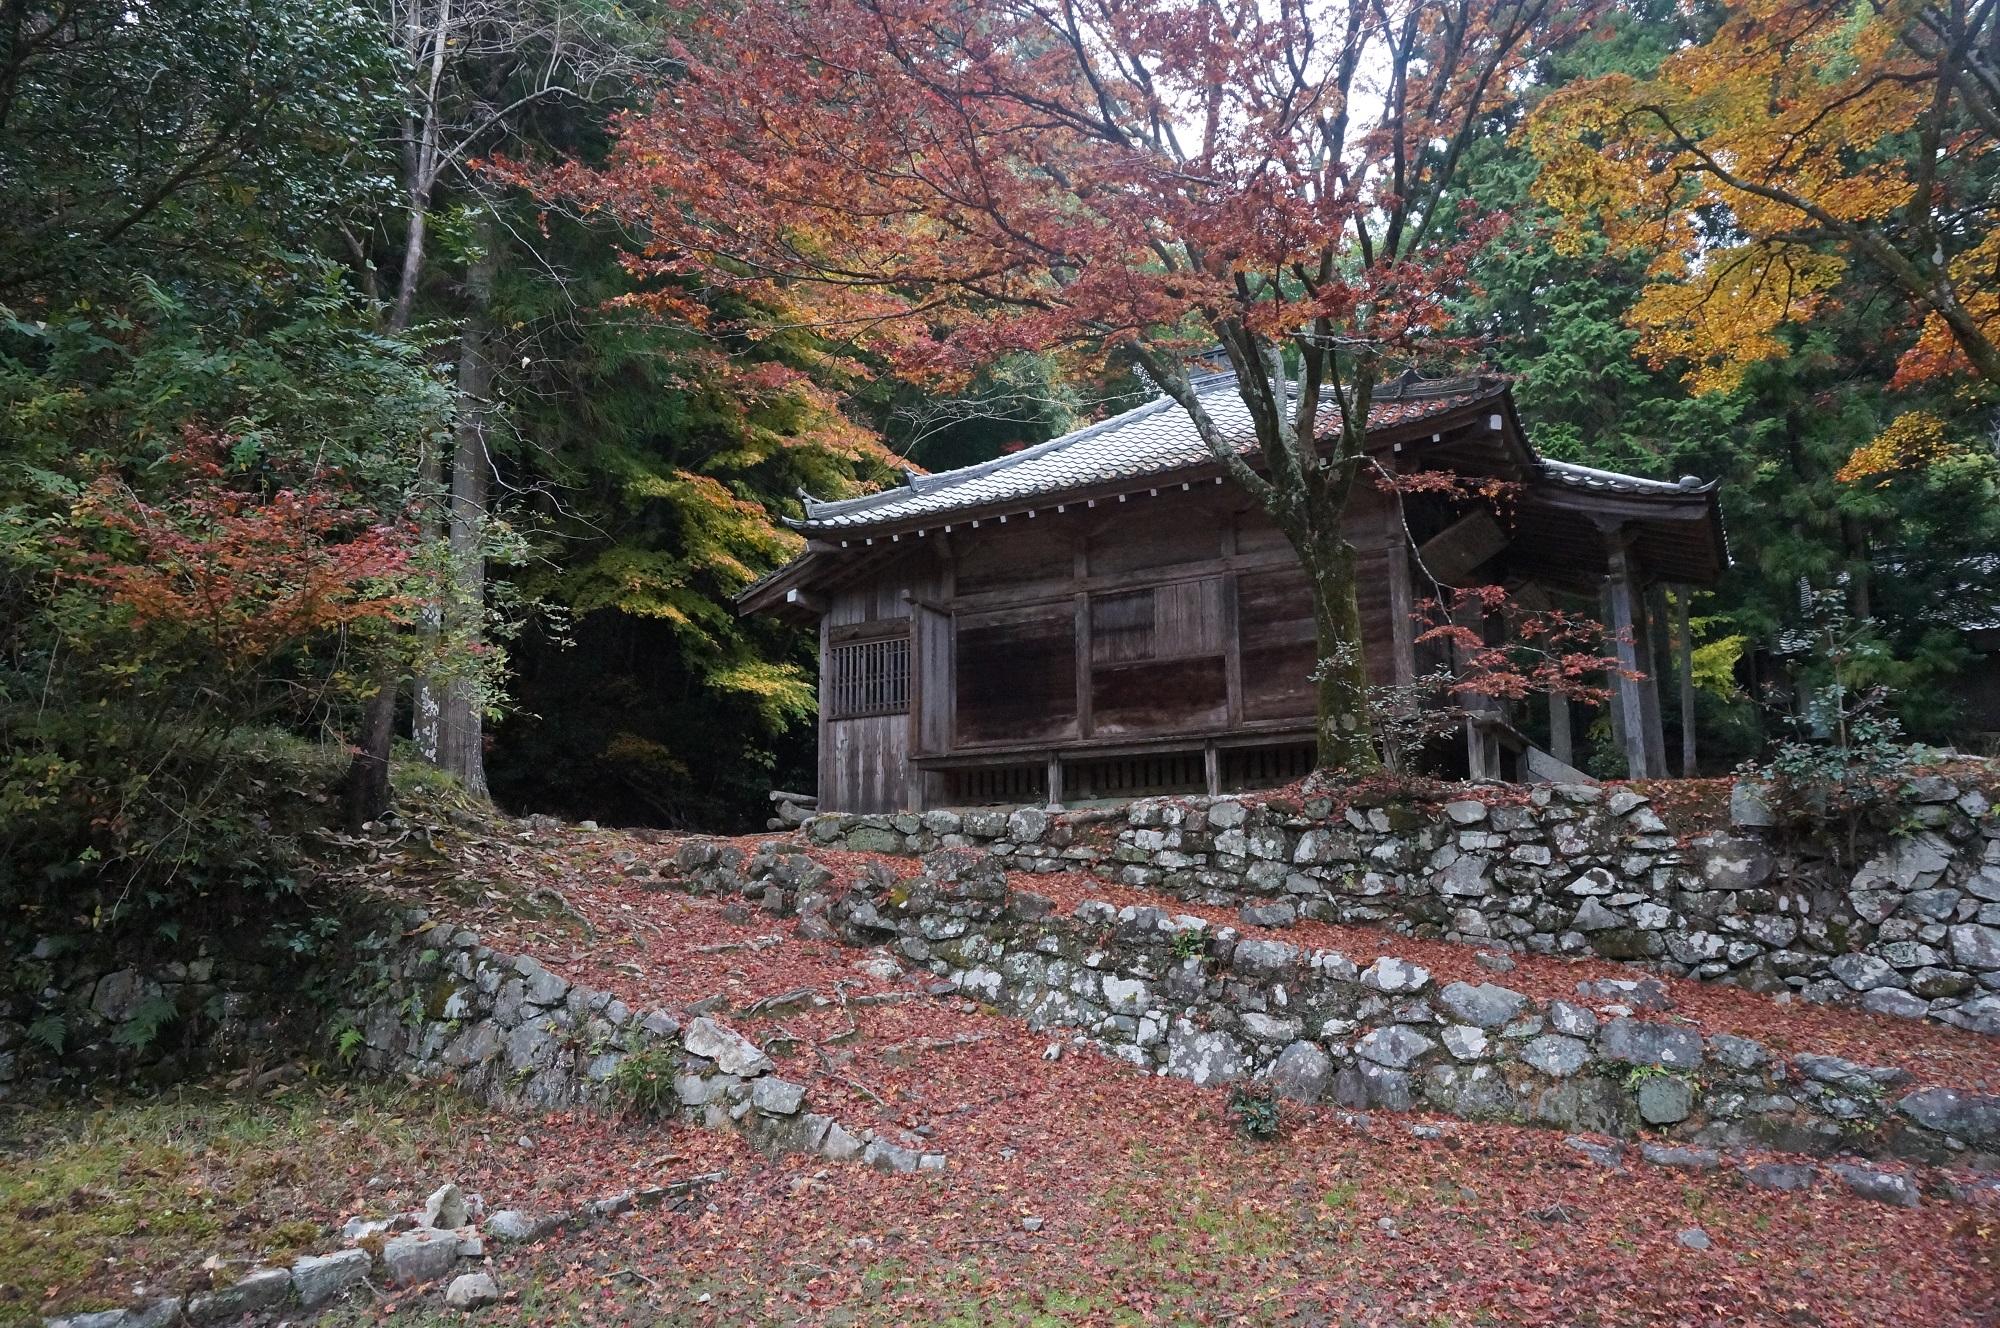 映画「るろうに剣心」の舞台になった廃寺 | 滋賀・安楽律院跡